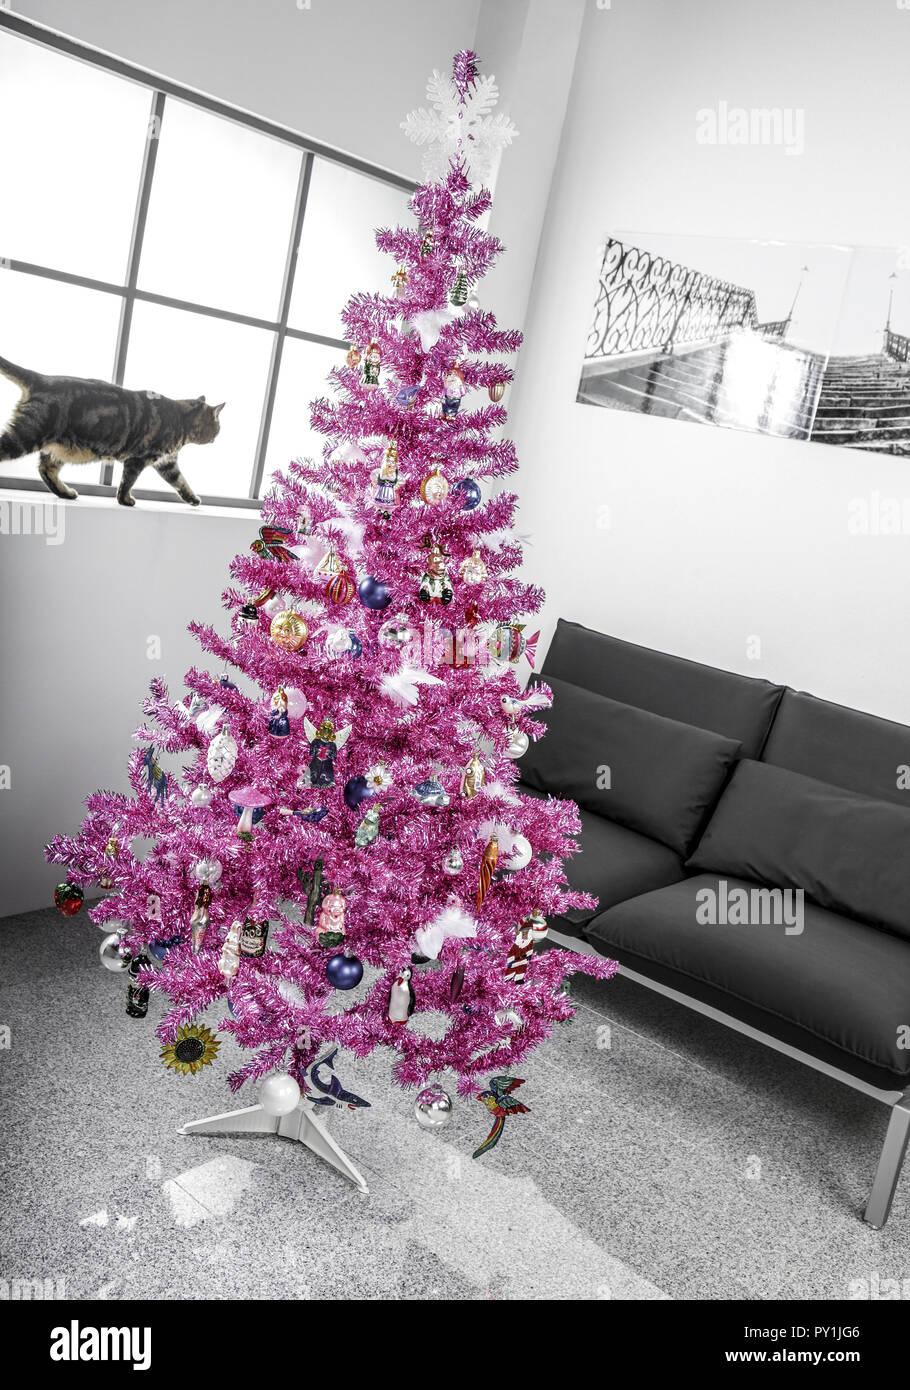 Rosa Weihnachtsbaum.Kuenstlicher Rosa Weihnachtsbaum In Grauer Wohnung Stock Photo